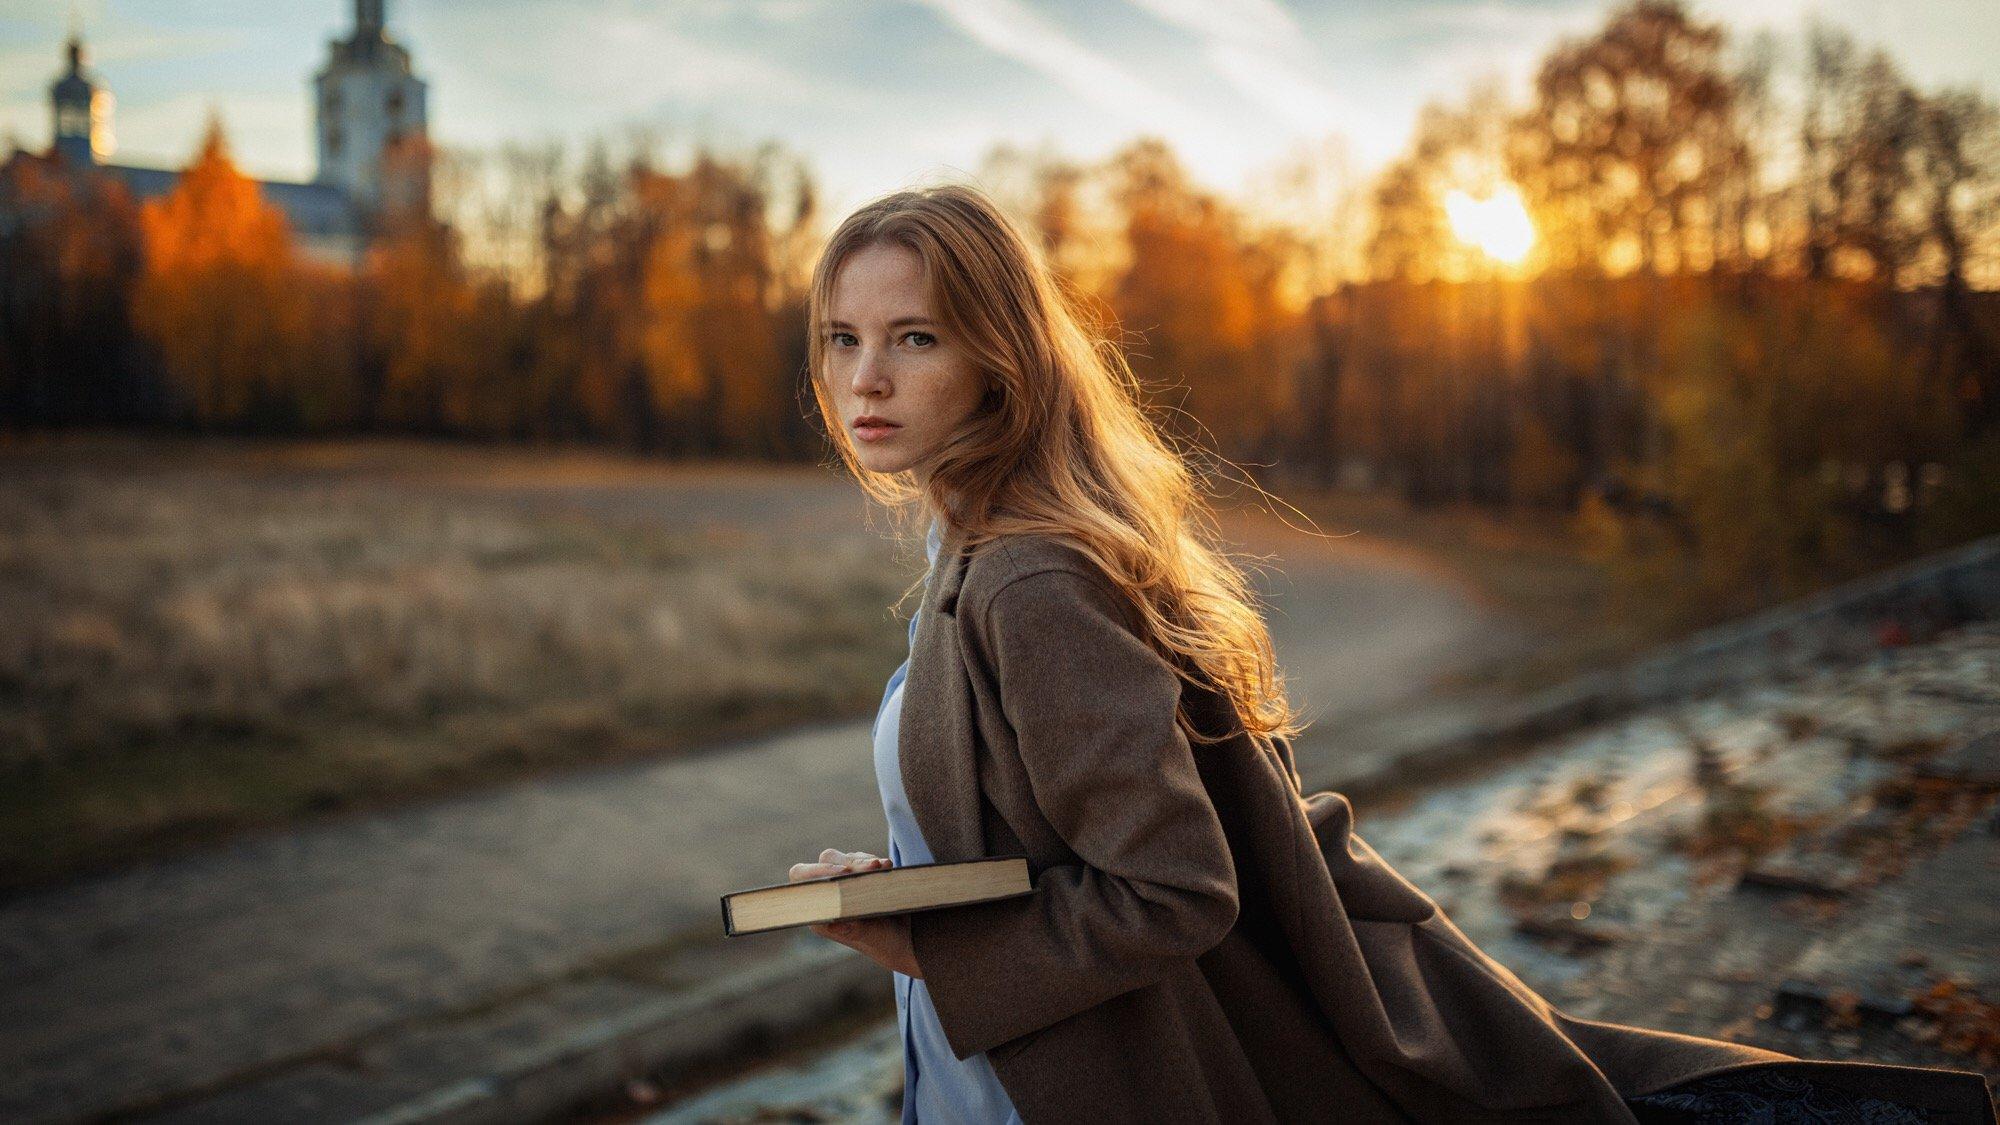 портрет, осень, девушка, закат, храм, Куренной Александр